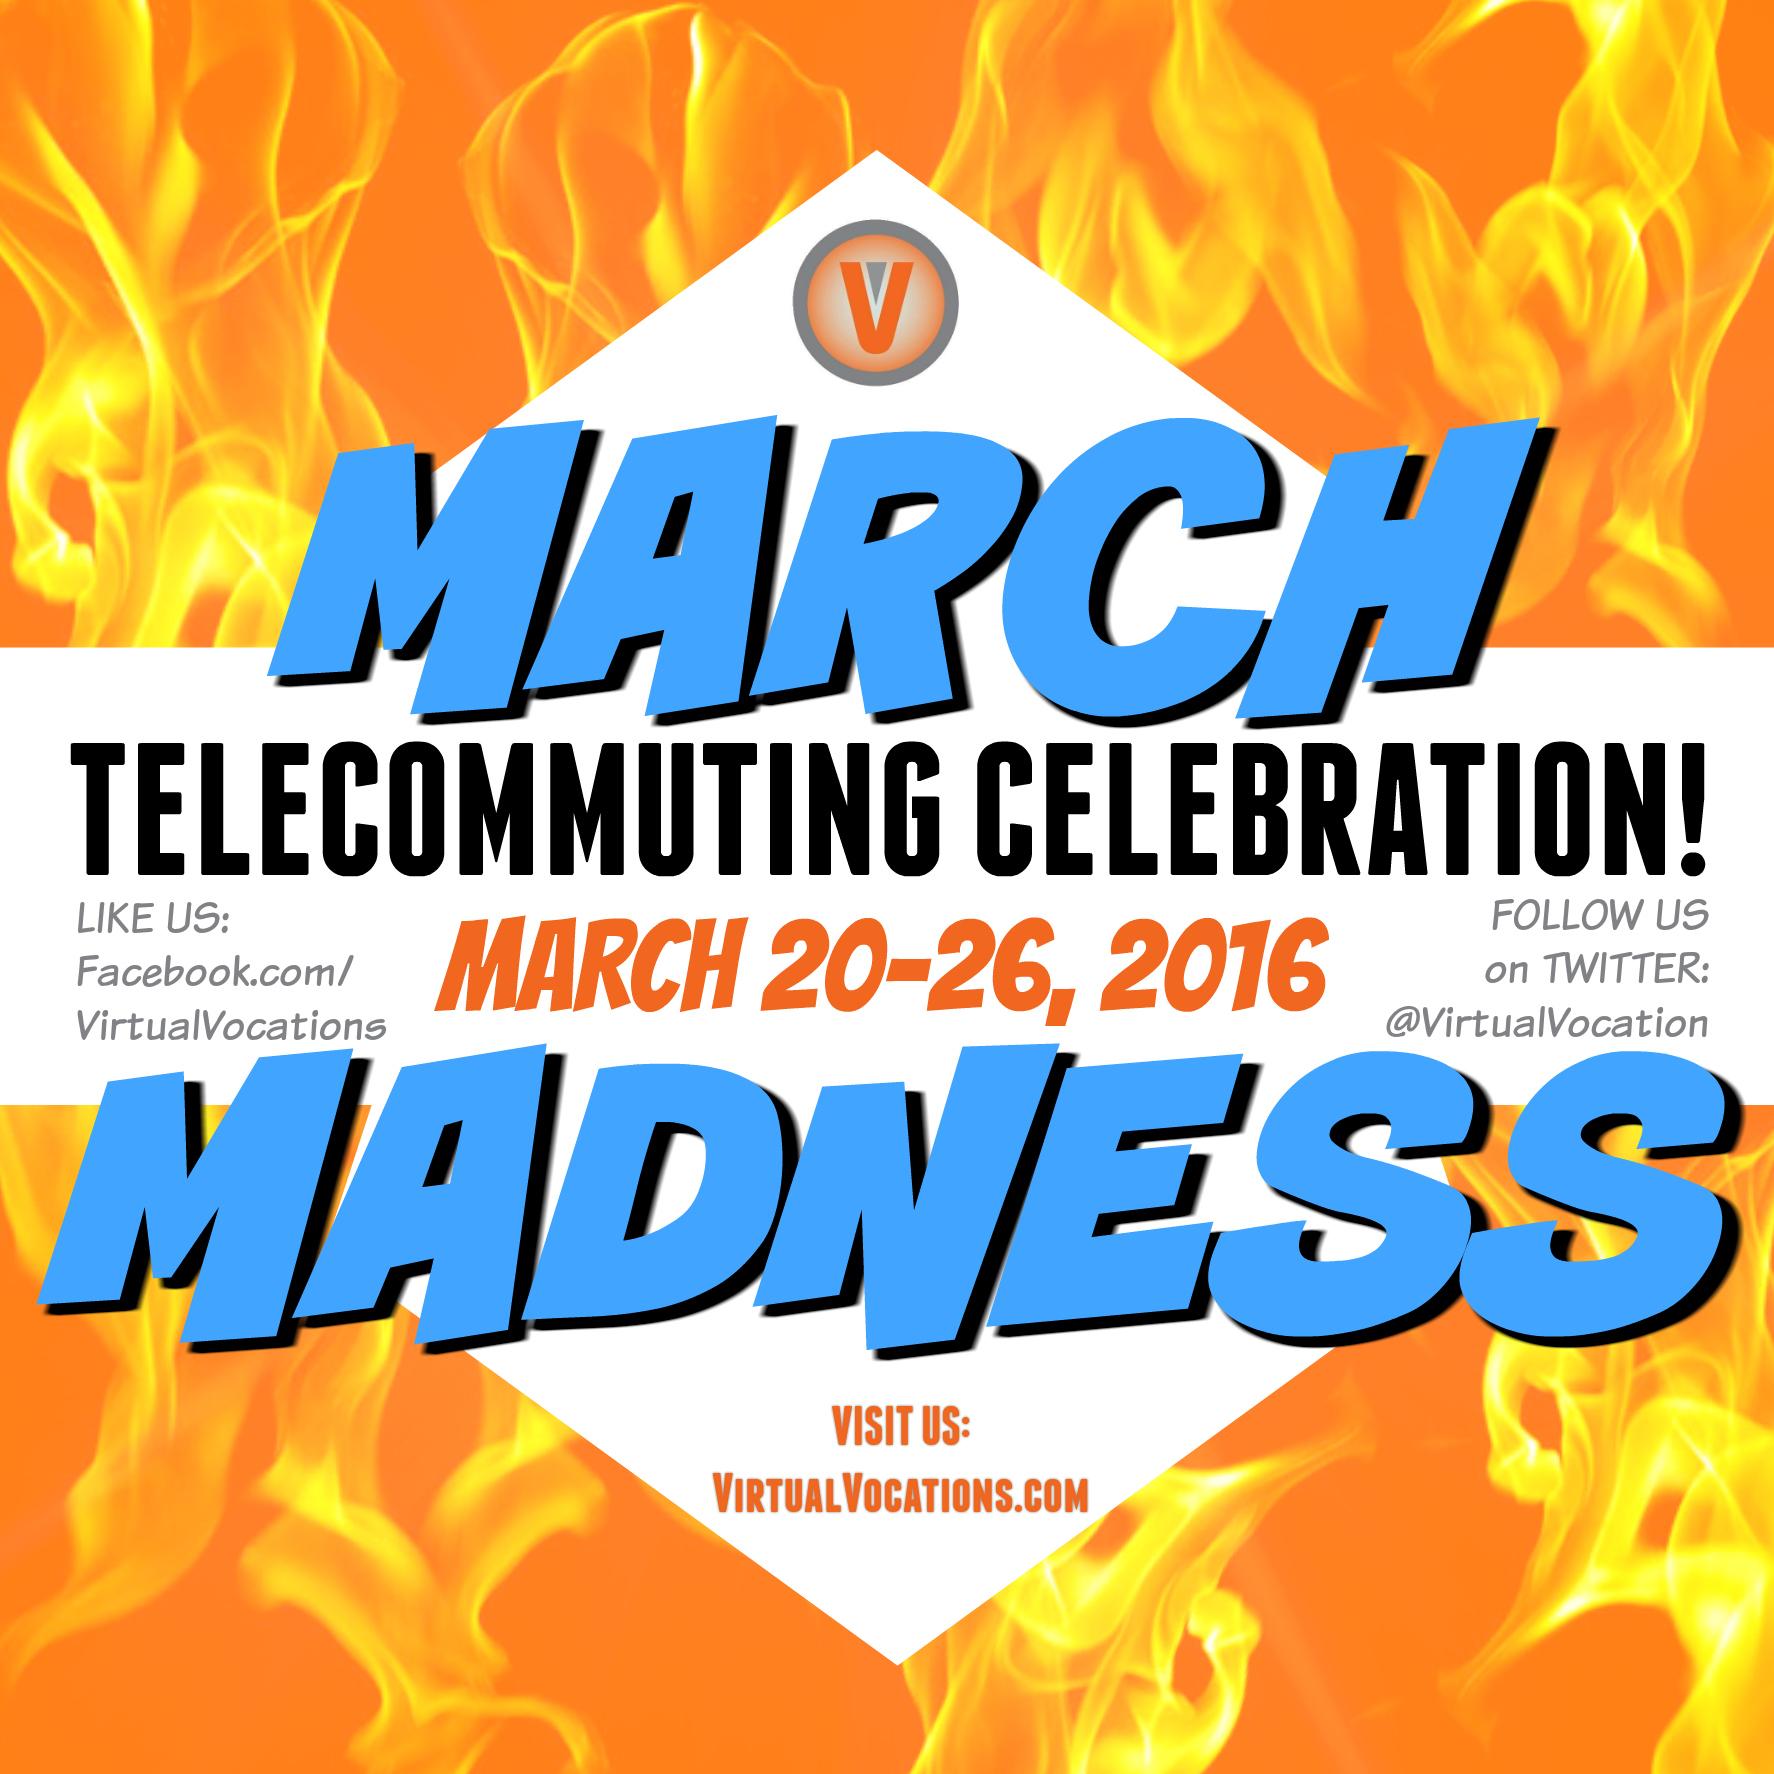 March Madness Telecommuting Celebration